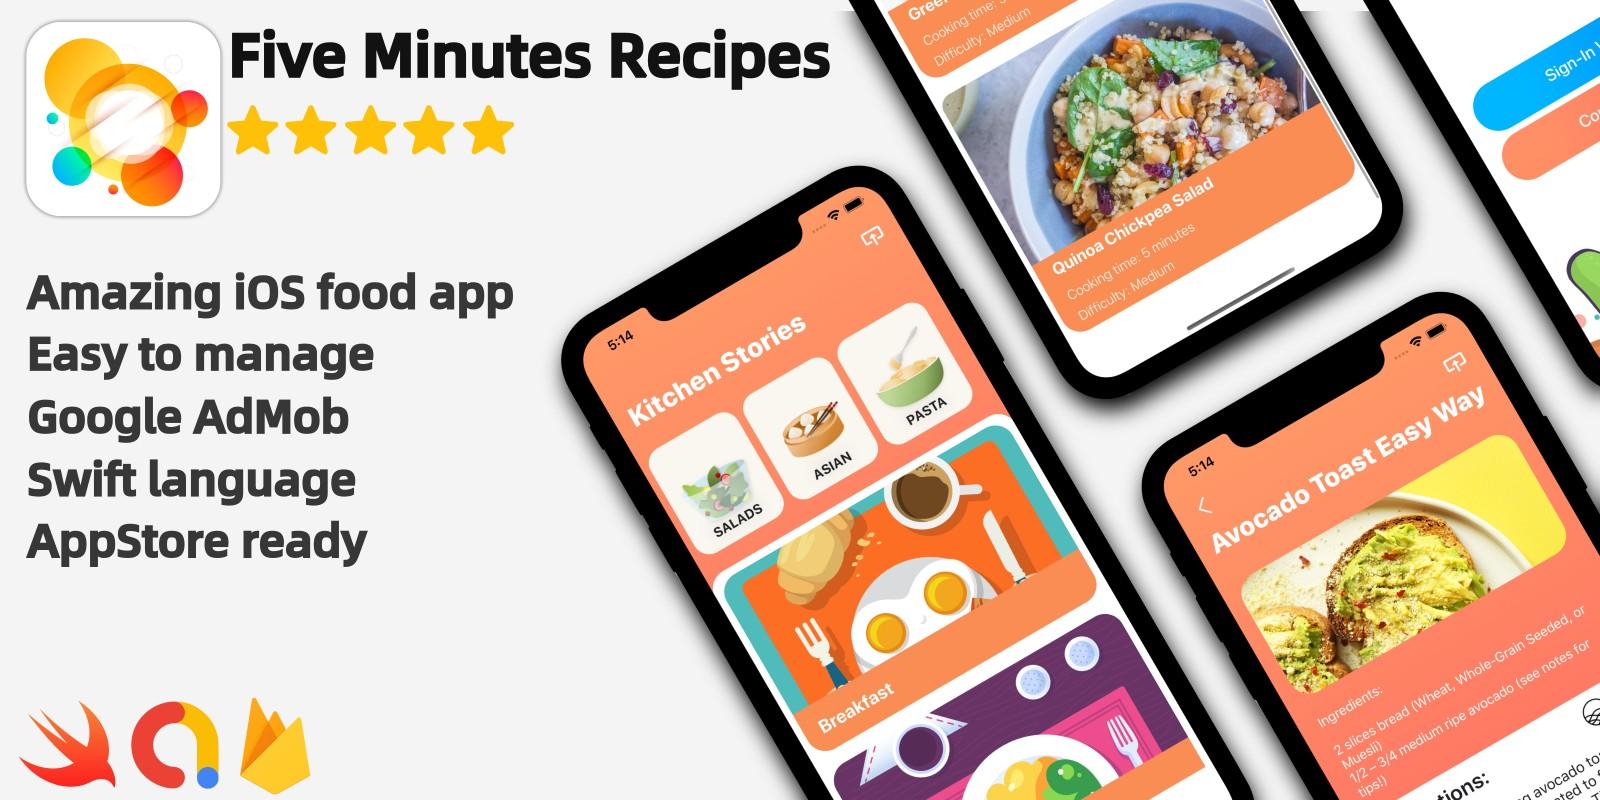 Five Minutes Recipes - iOS Source Code